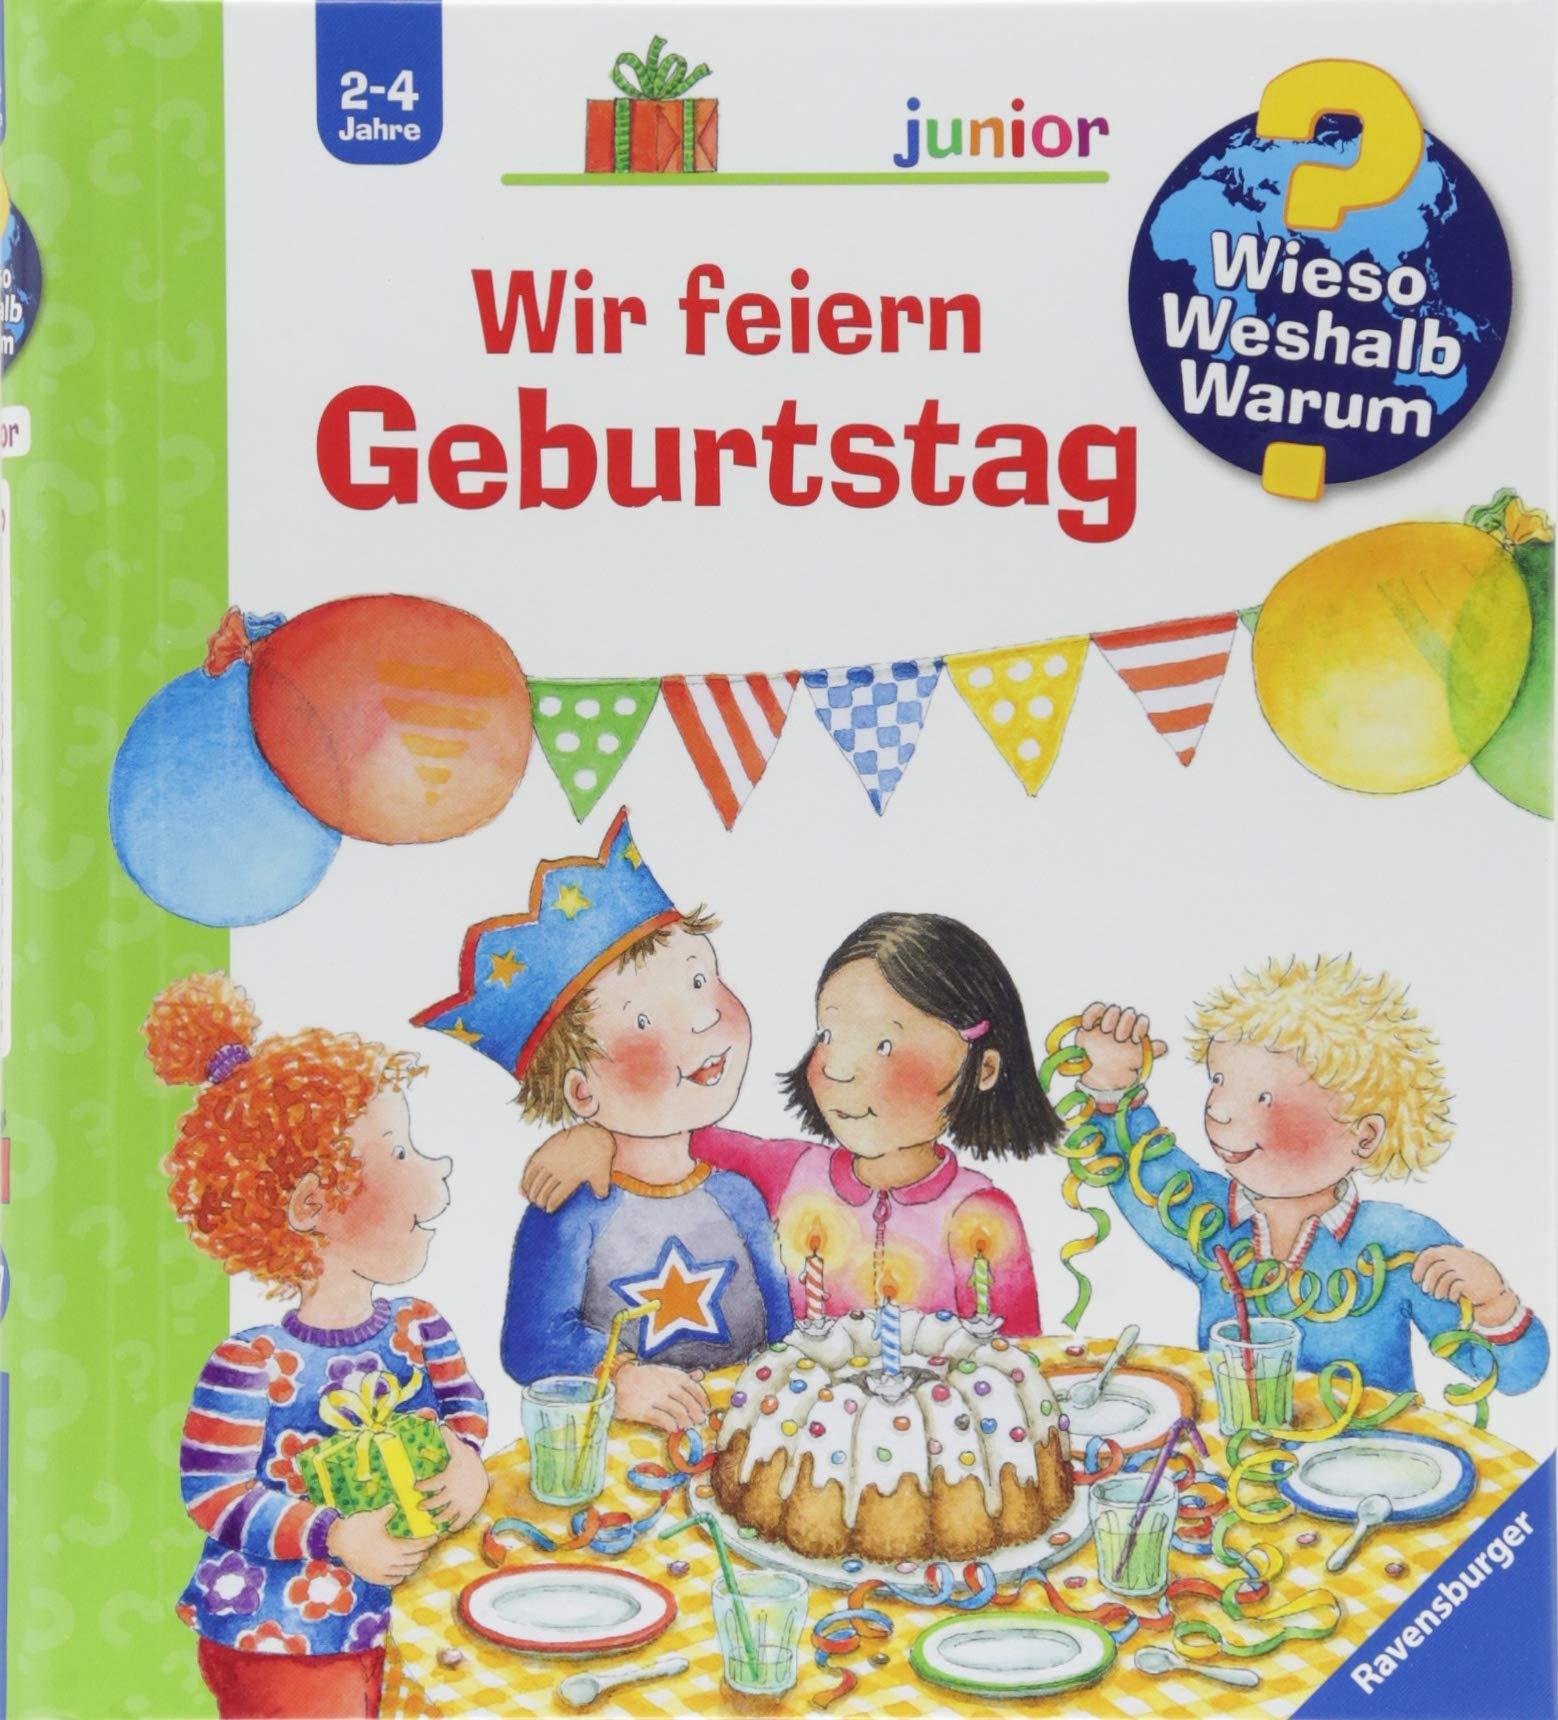 Wir feiern Geburtstag (Wieso? Weshalb? Warum? junior, Band 27) Spiralbindung – 20. Juni 2018 Constanza Droop Ravensburger Buchverlag 3473329347 Ab 24 Monaten